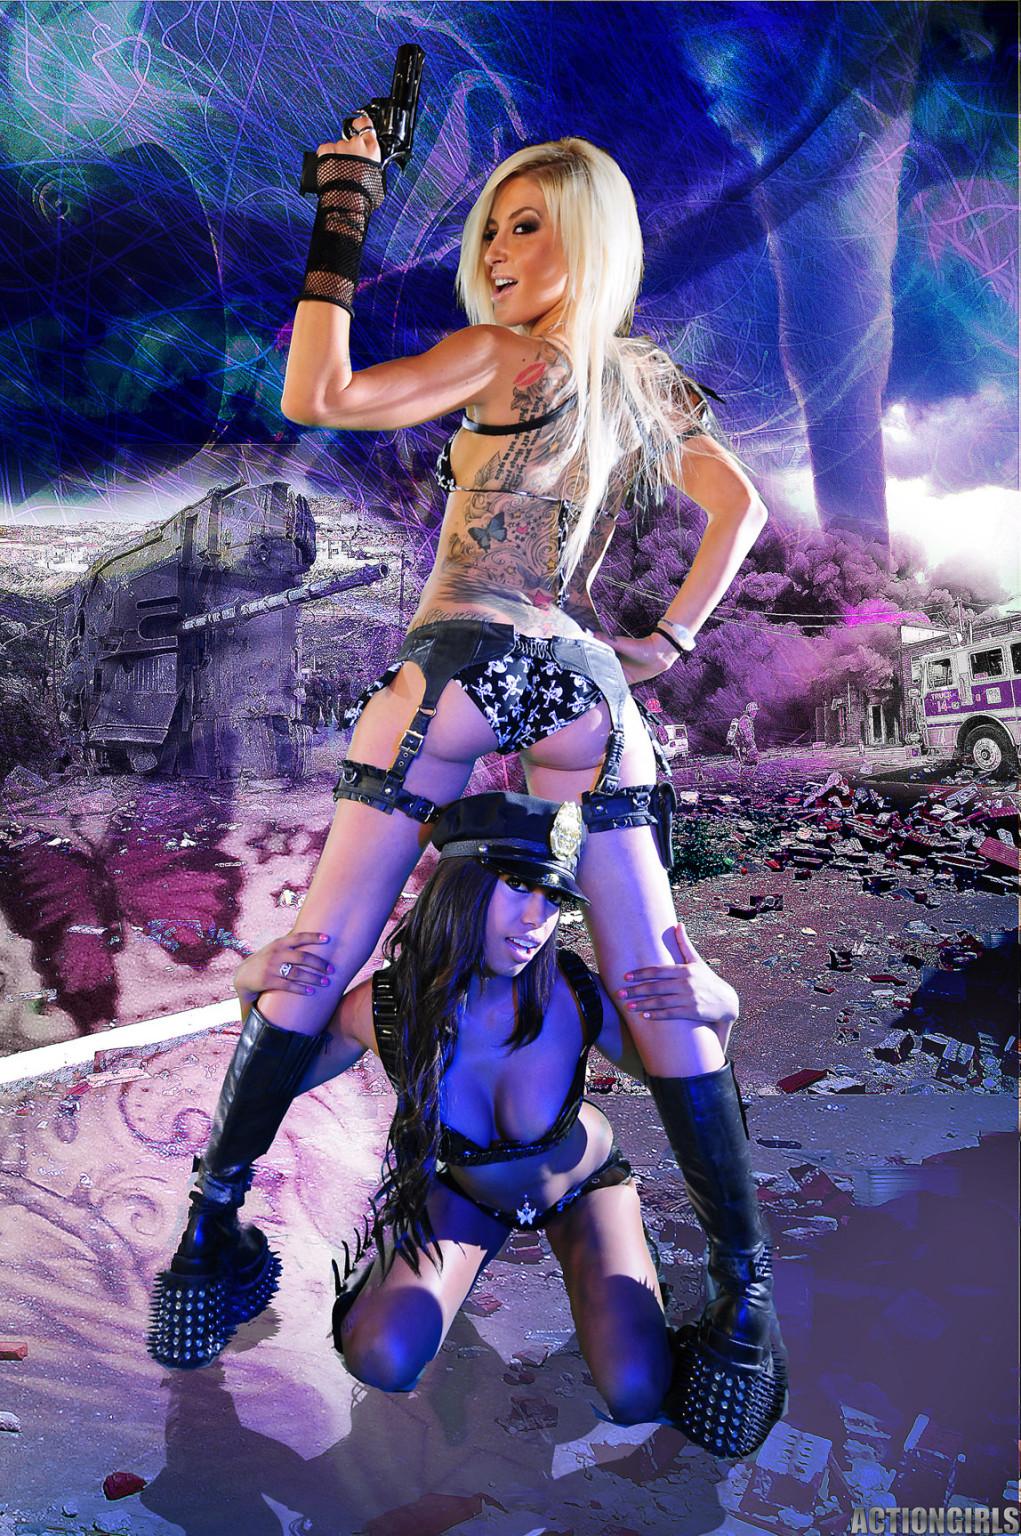 Красотка Дженифер на съемках фантастического порно фильма со своей подругой лесбиянкой